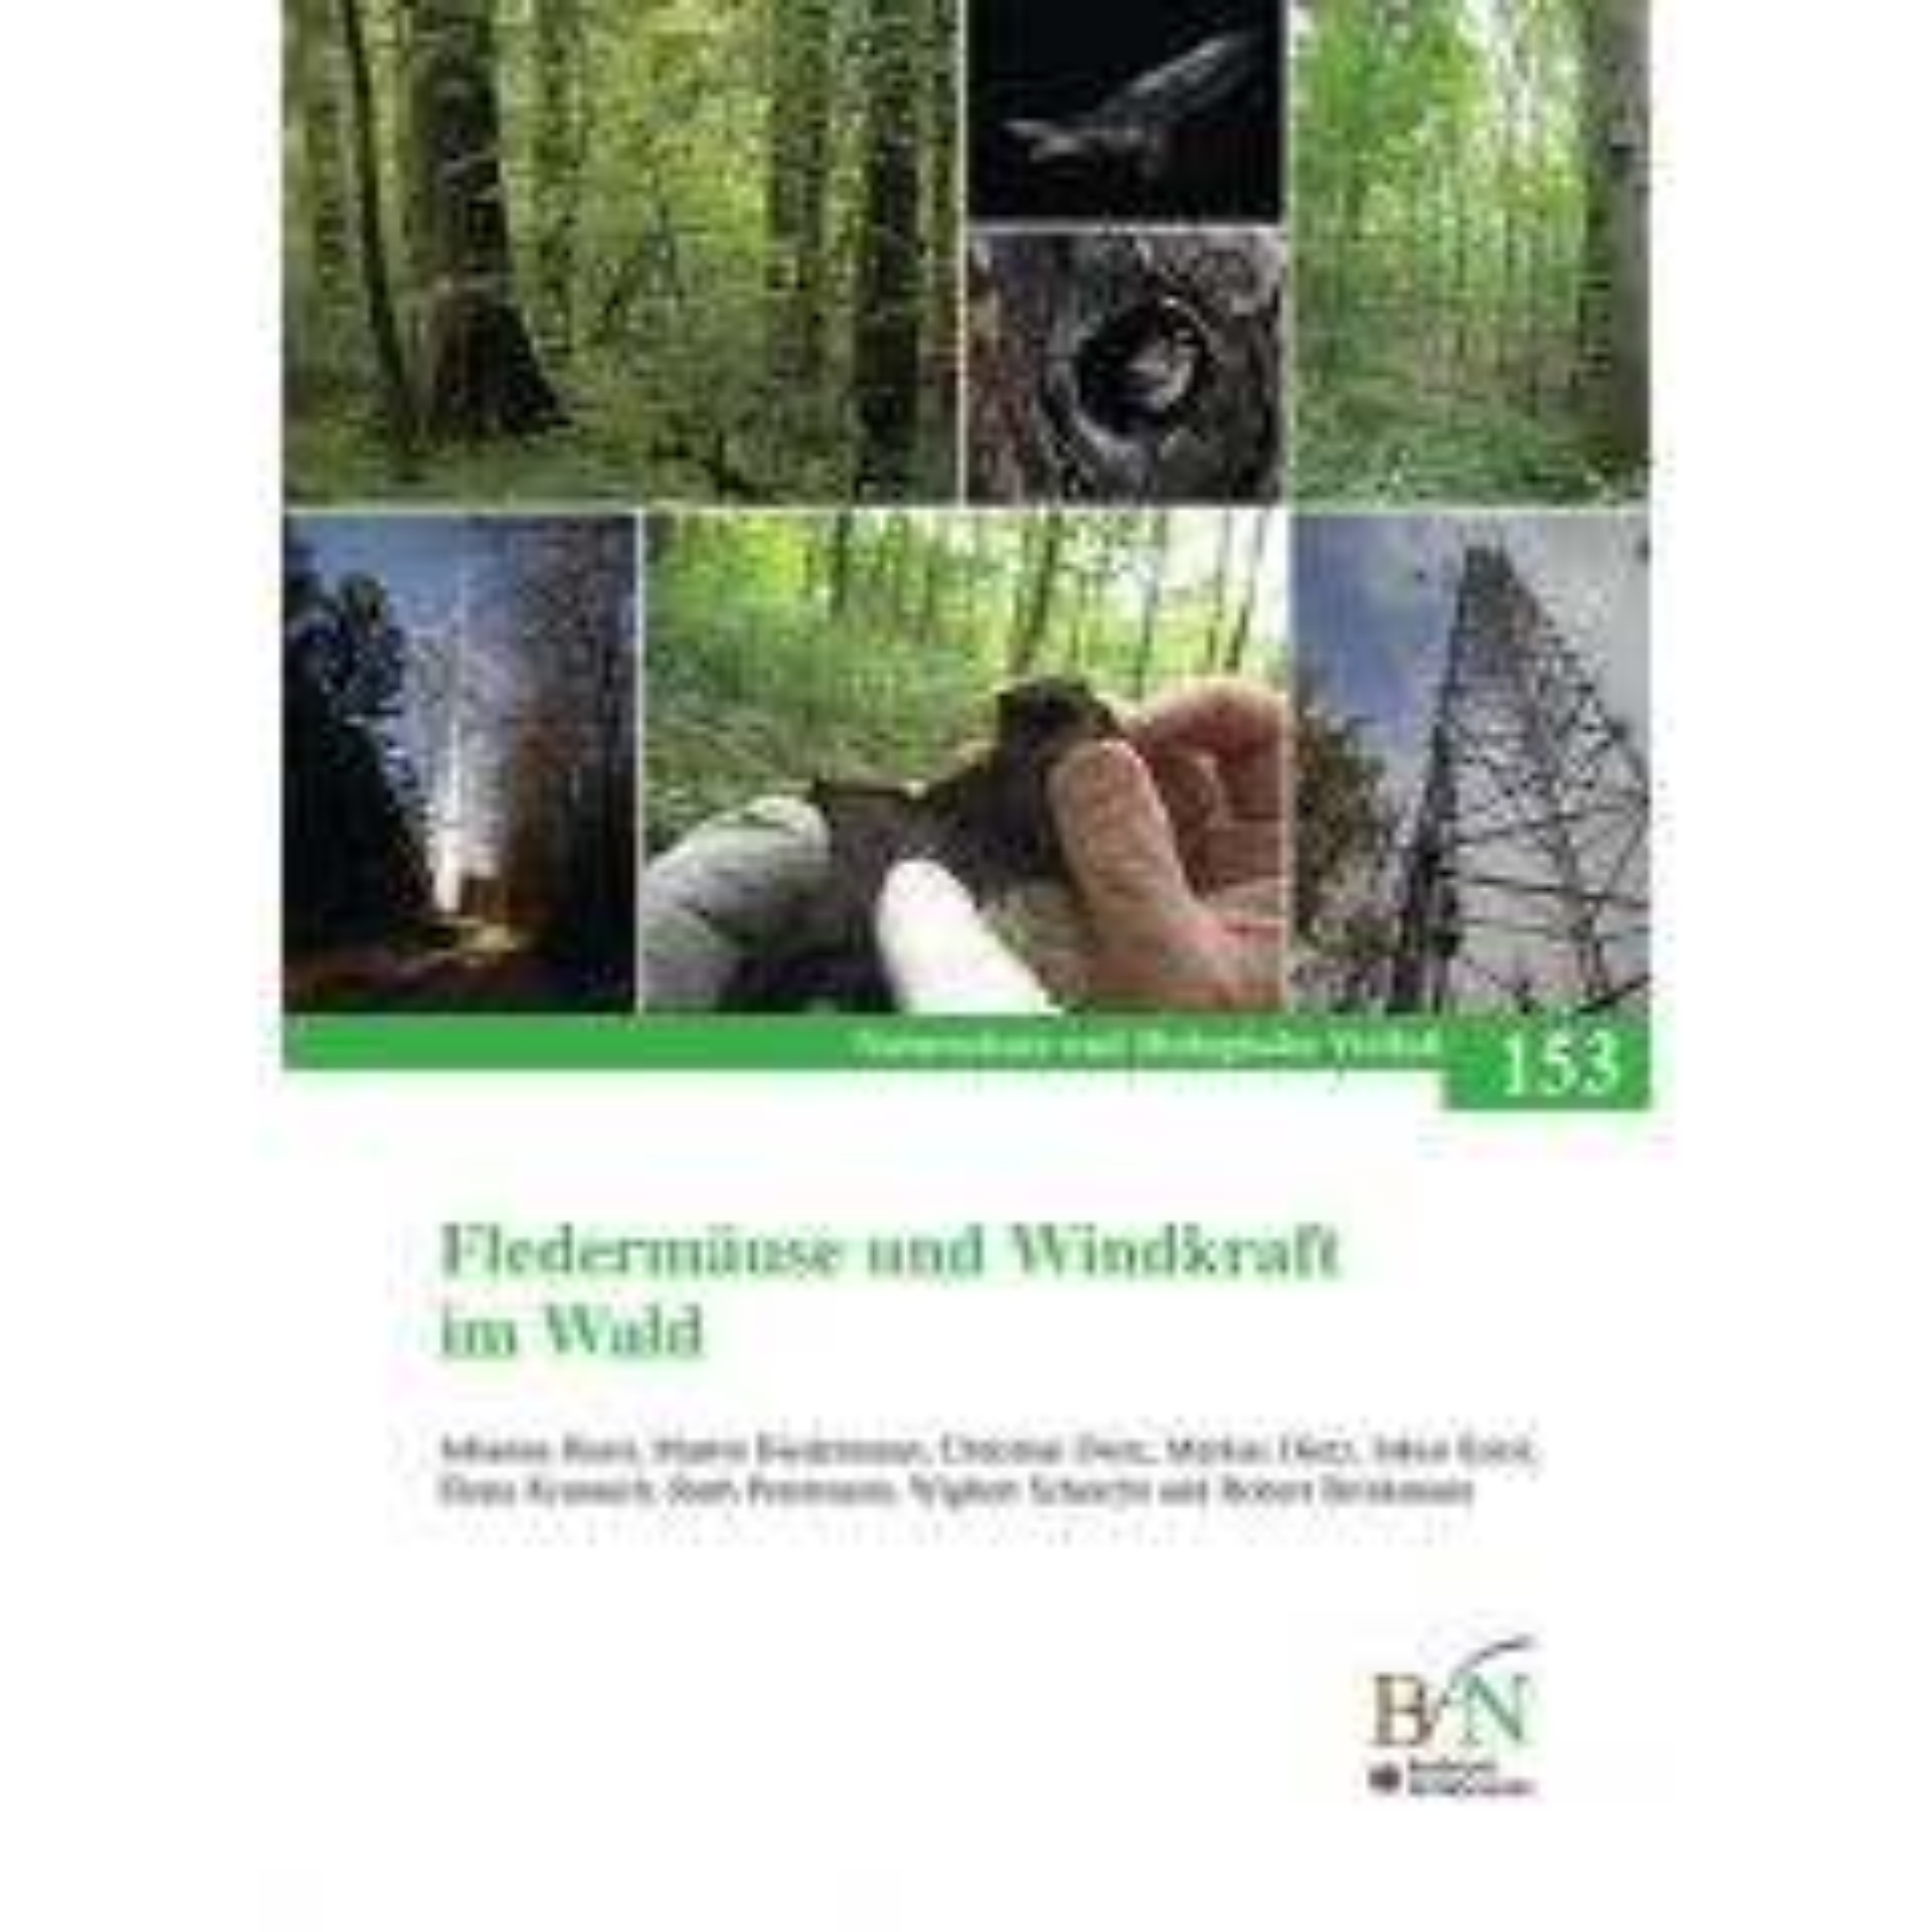 NaBiV Heft 153: Fledermäuse und Windkraft im Wald